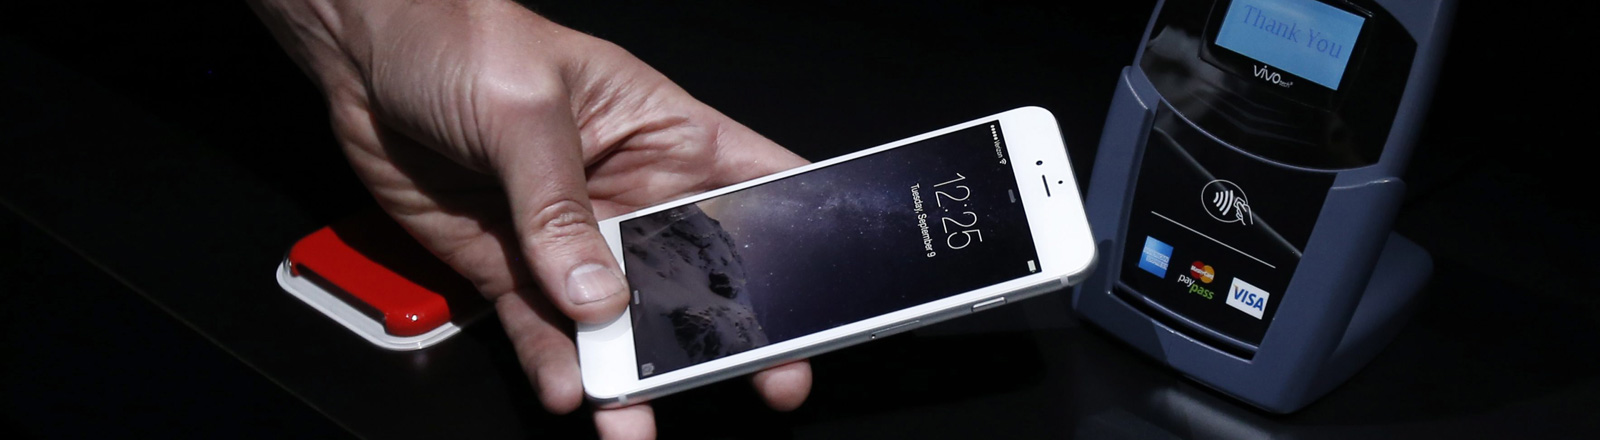 Ein Handy vor einem NFC-Lesegerät